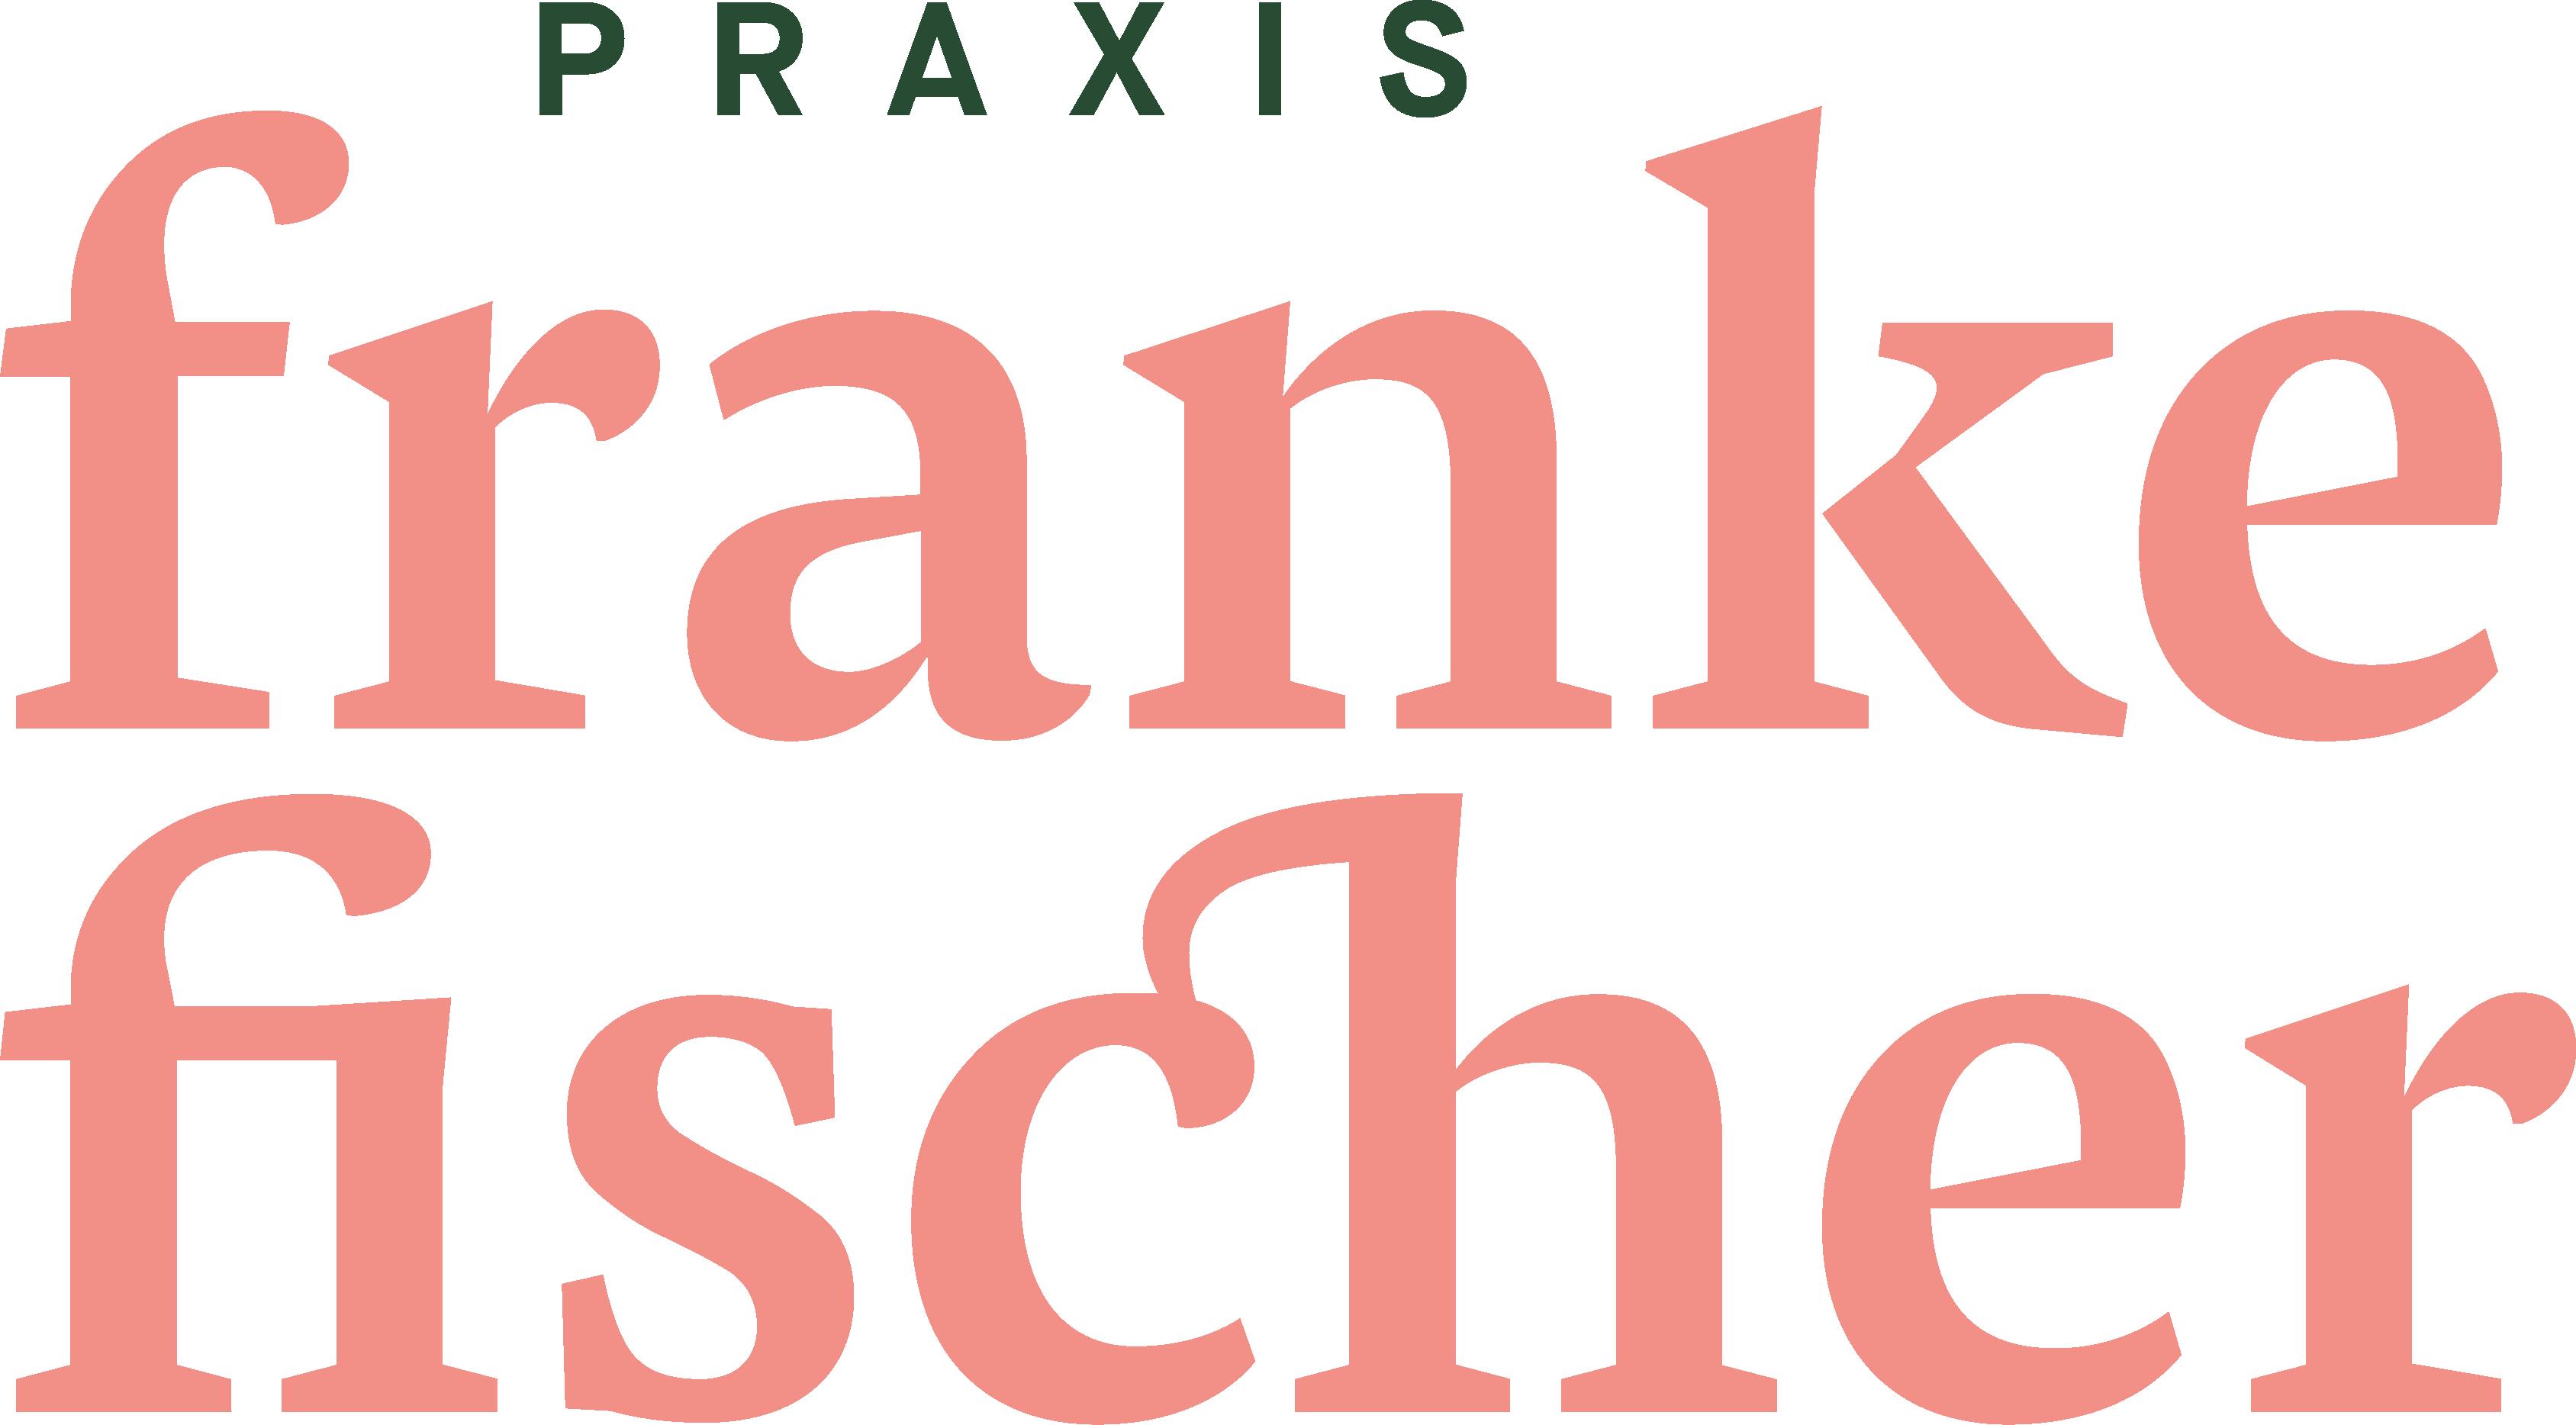 PRAXIS franke fischer